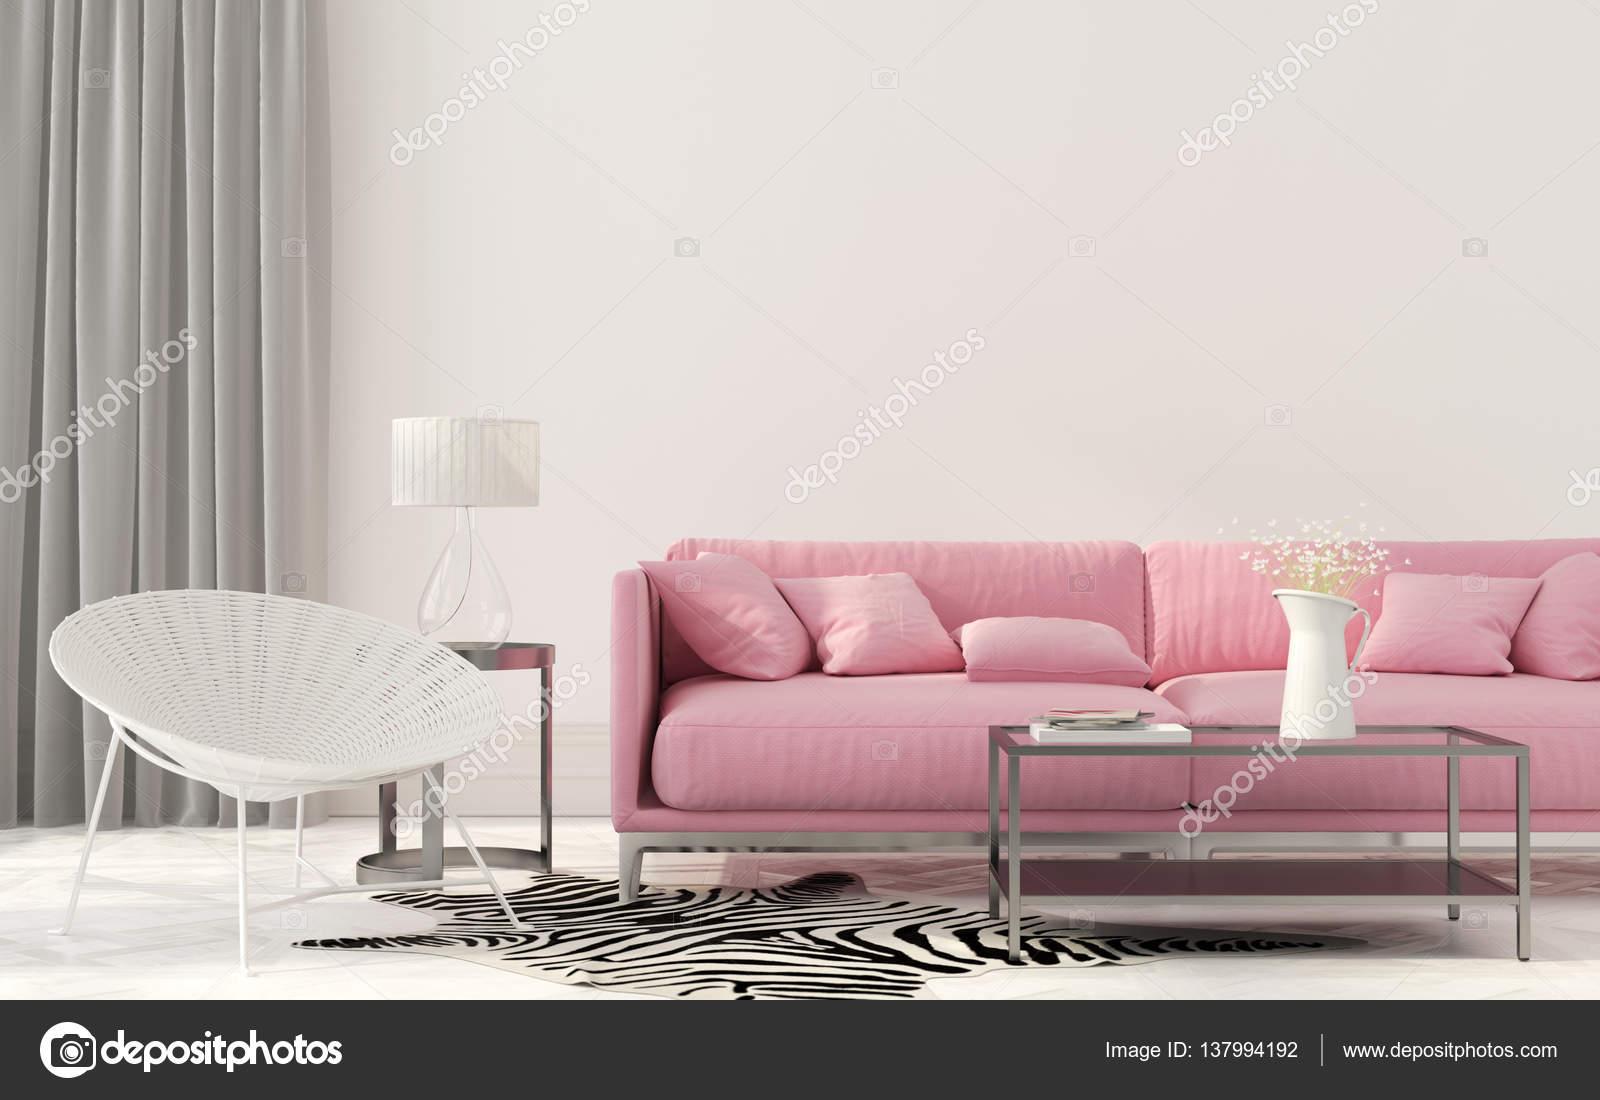 Woonkamer met een roze Bank — Stockfoto © JZhuk #137994192